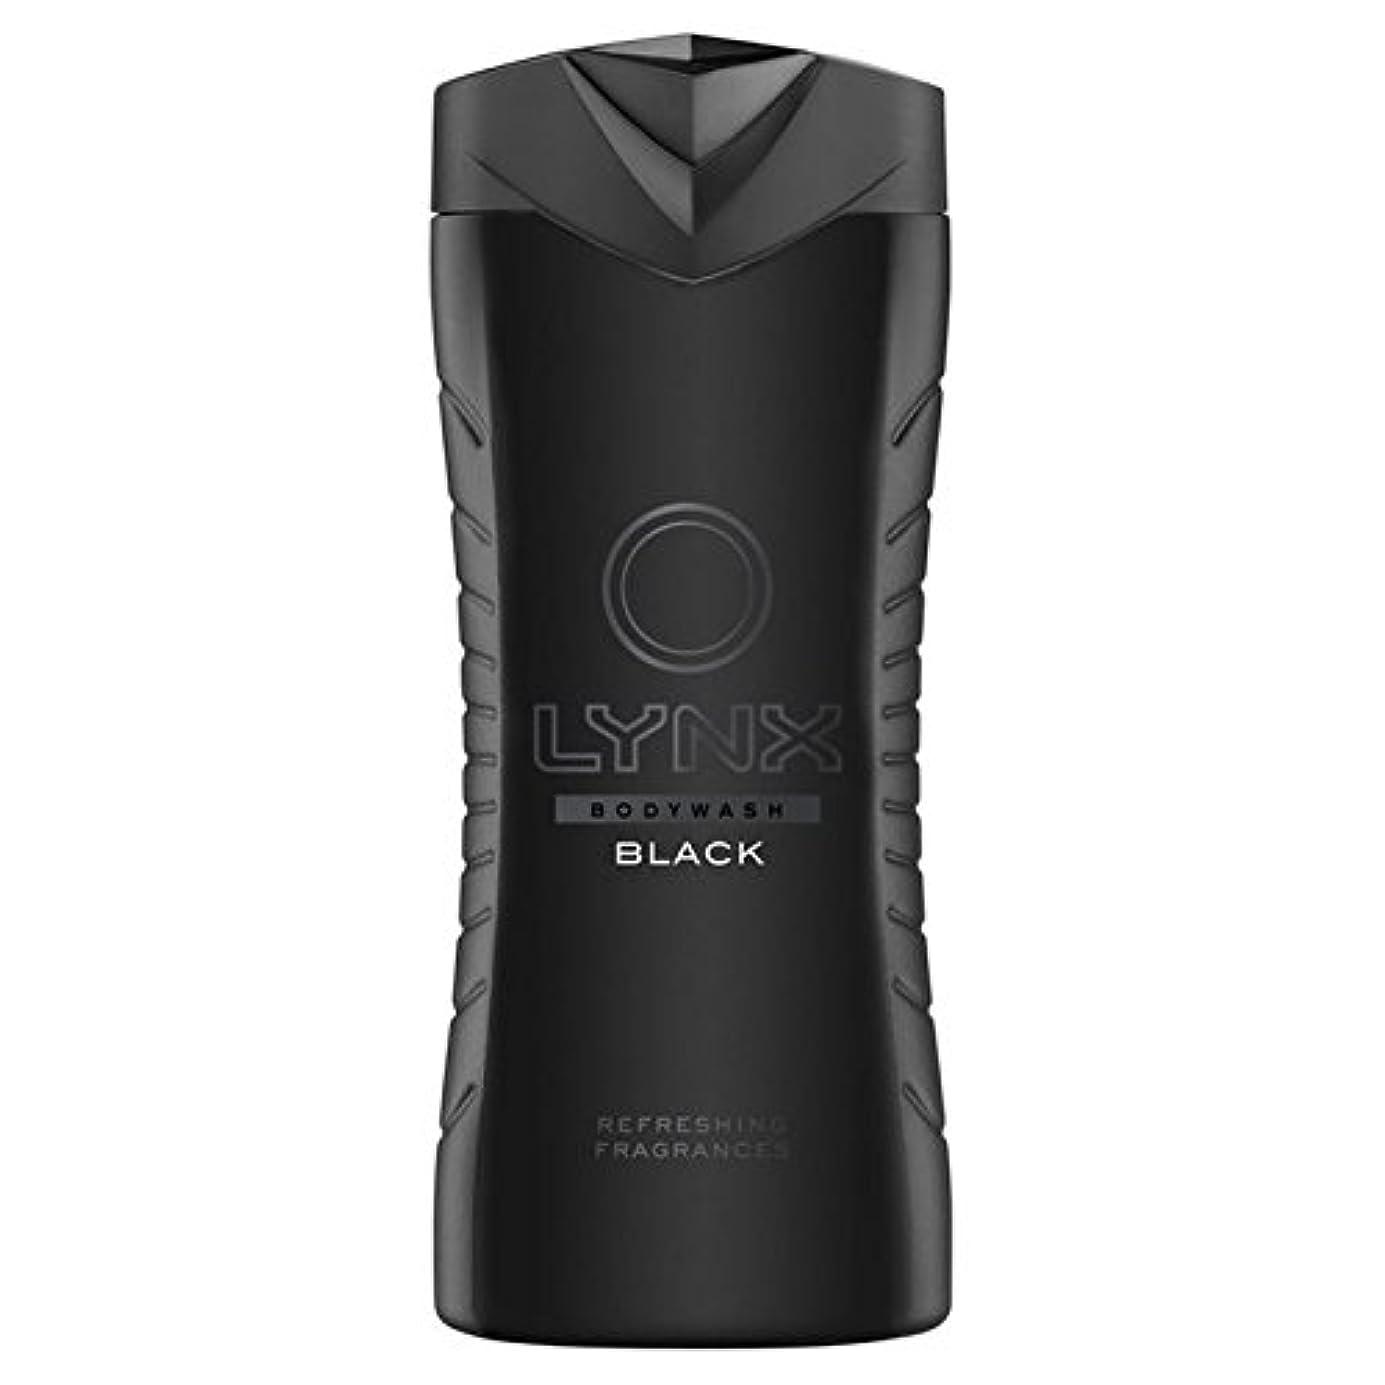 いたずら散文近代化Lynx Black Shower Gel 400ml - オオヤマネコブラックシャワージェル400ミリリットル [並行輸入品]